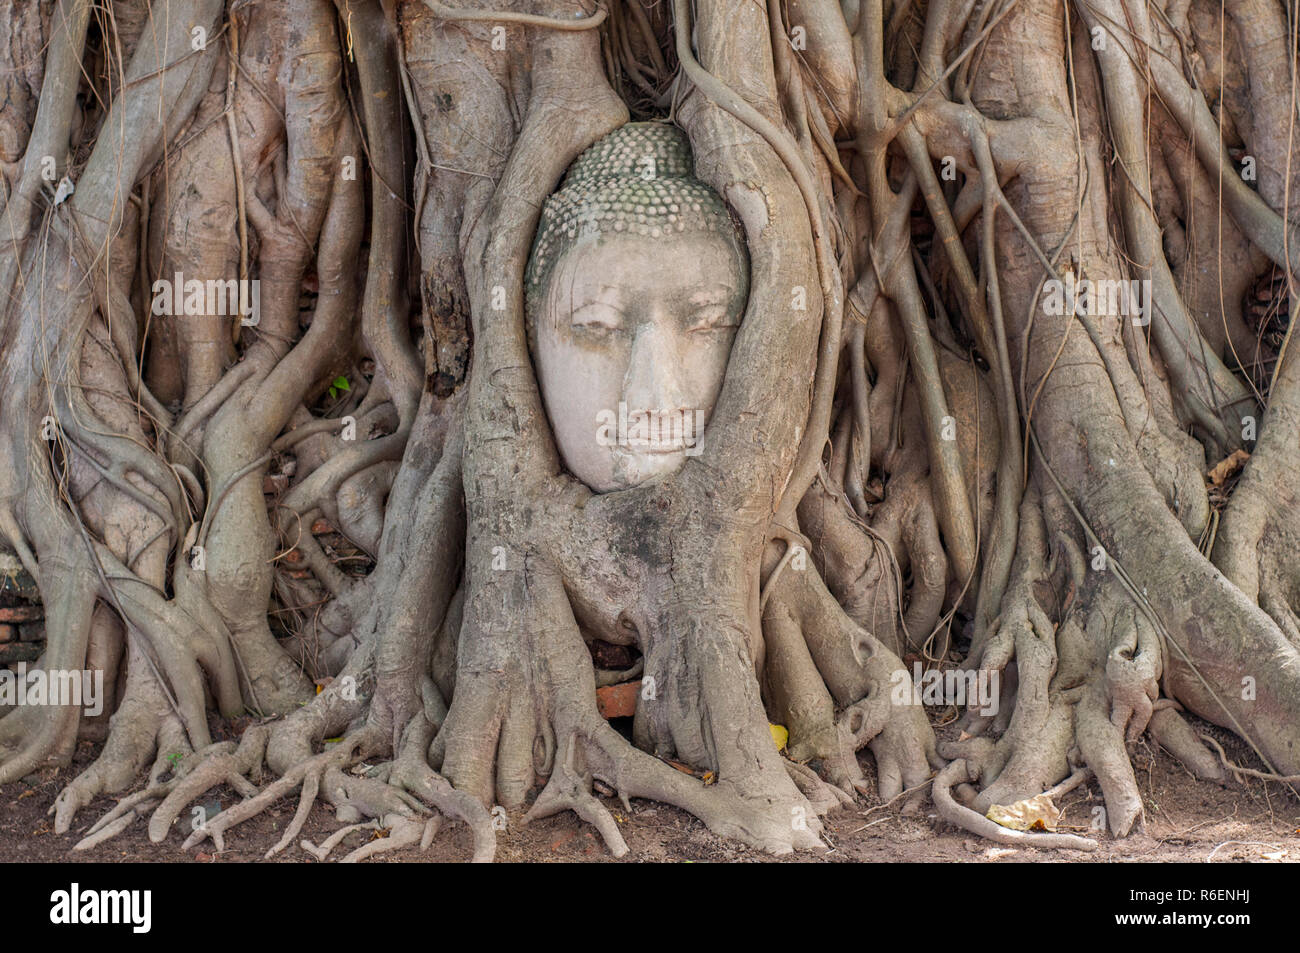 Großer Stein Buddha Kopf In Feigenbaum Wurzeln, Wat Mahathat, Ayutthaya, Thailand, Südostasien, Asien Stockfoto